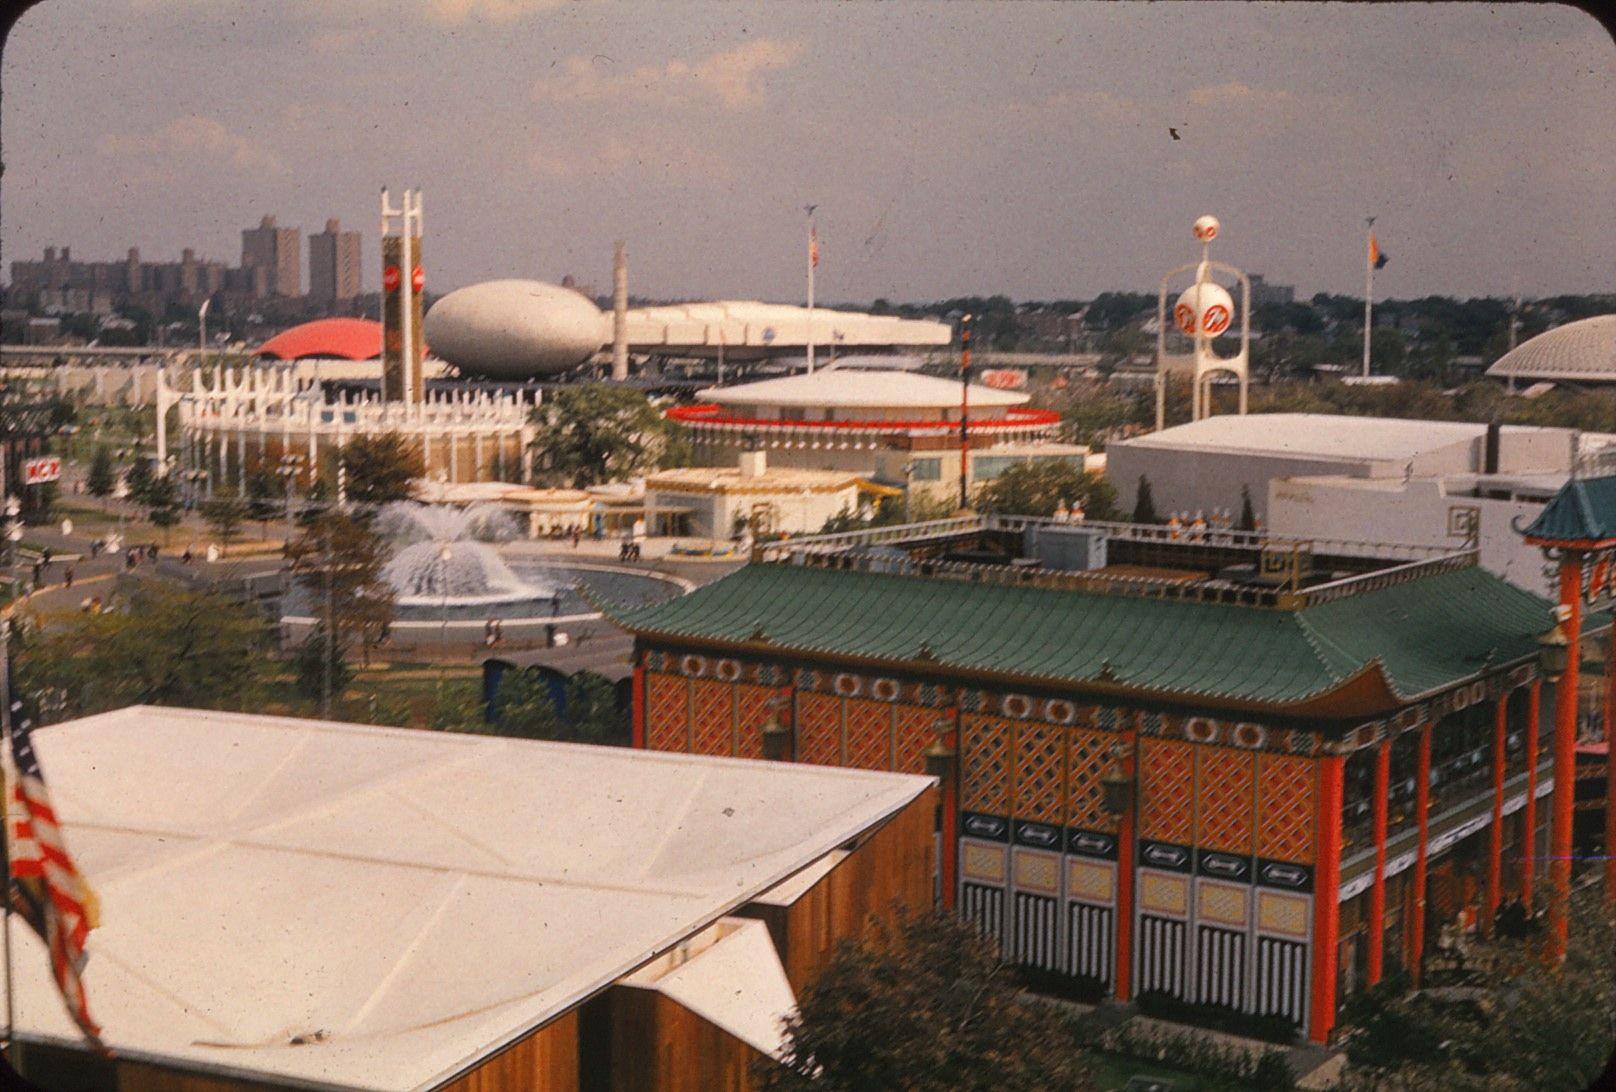 64 Worlds Fair__Richard Grier 20.jpg